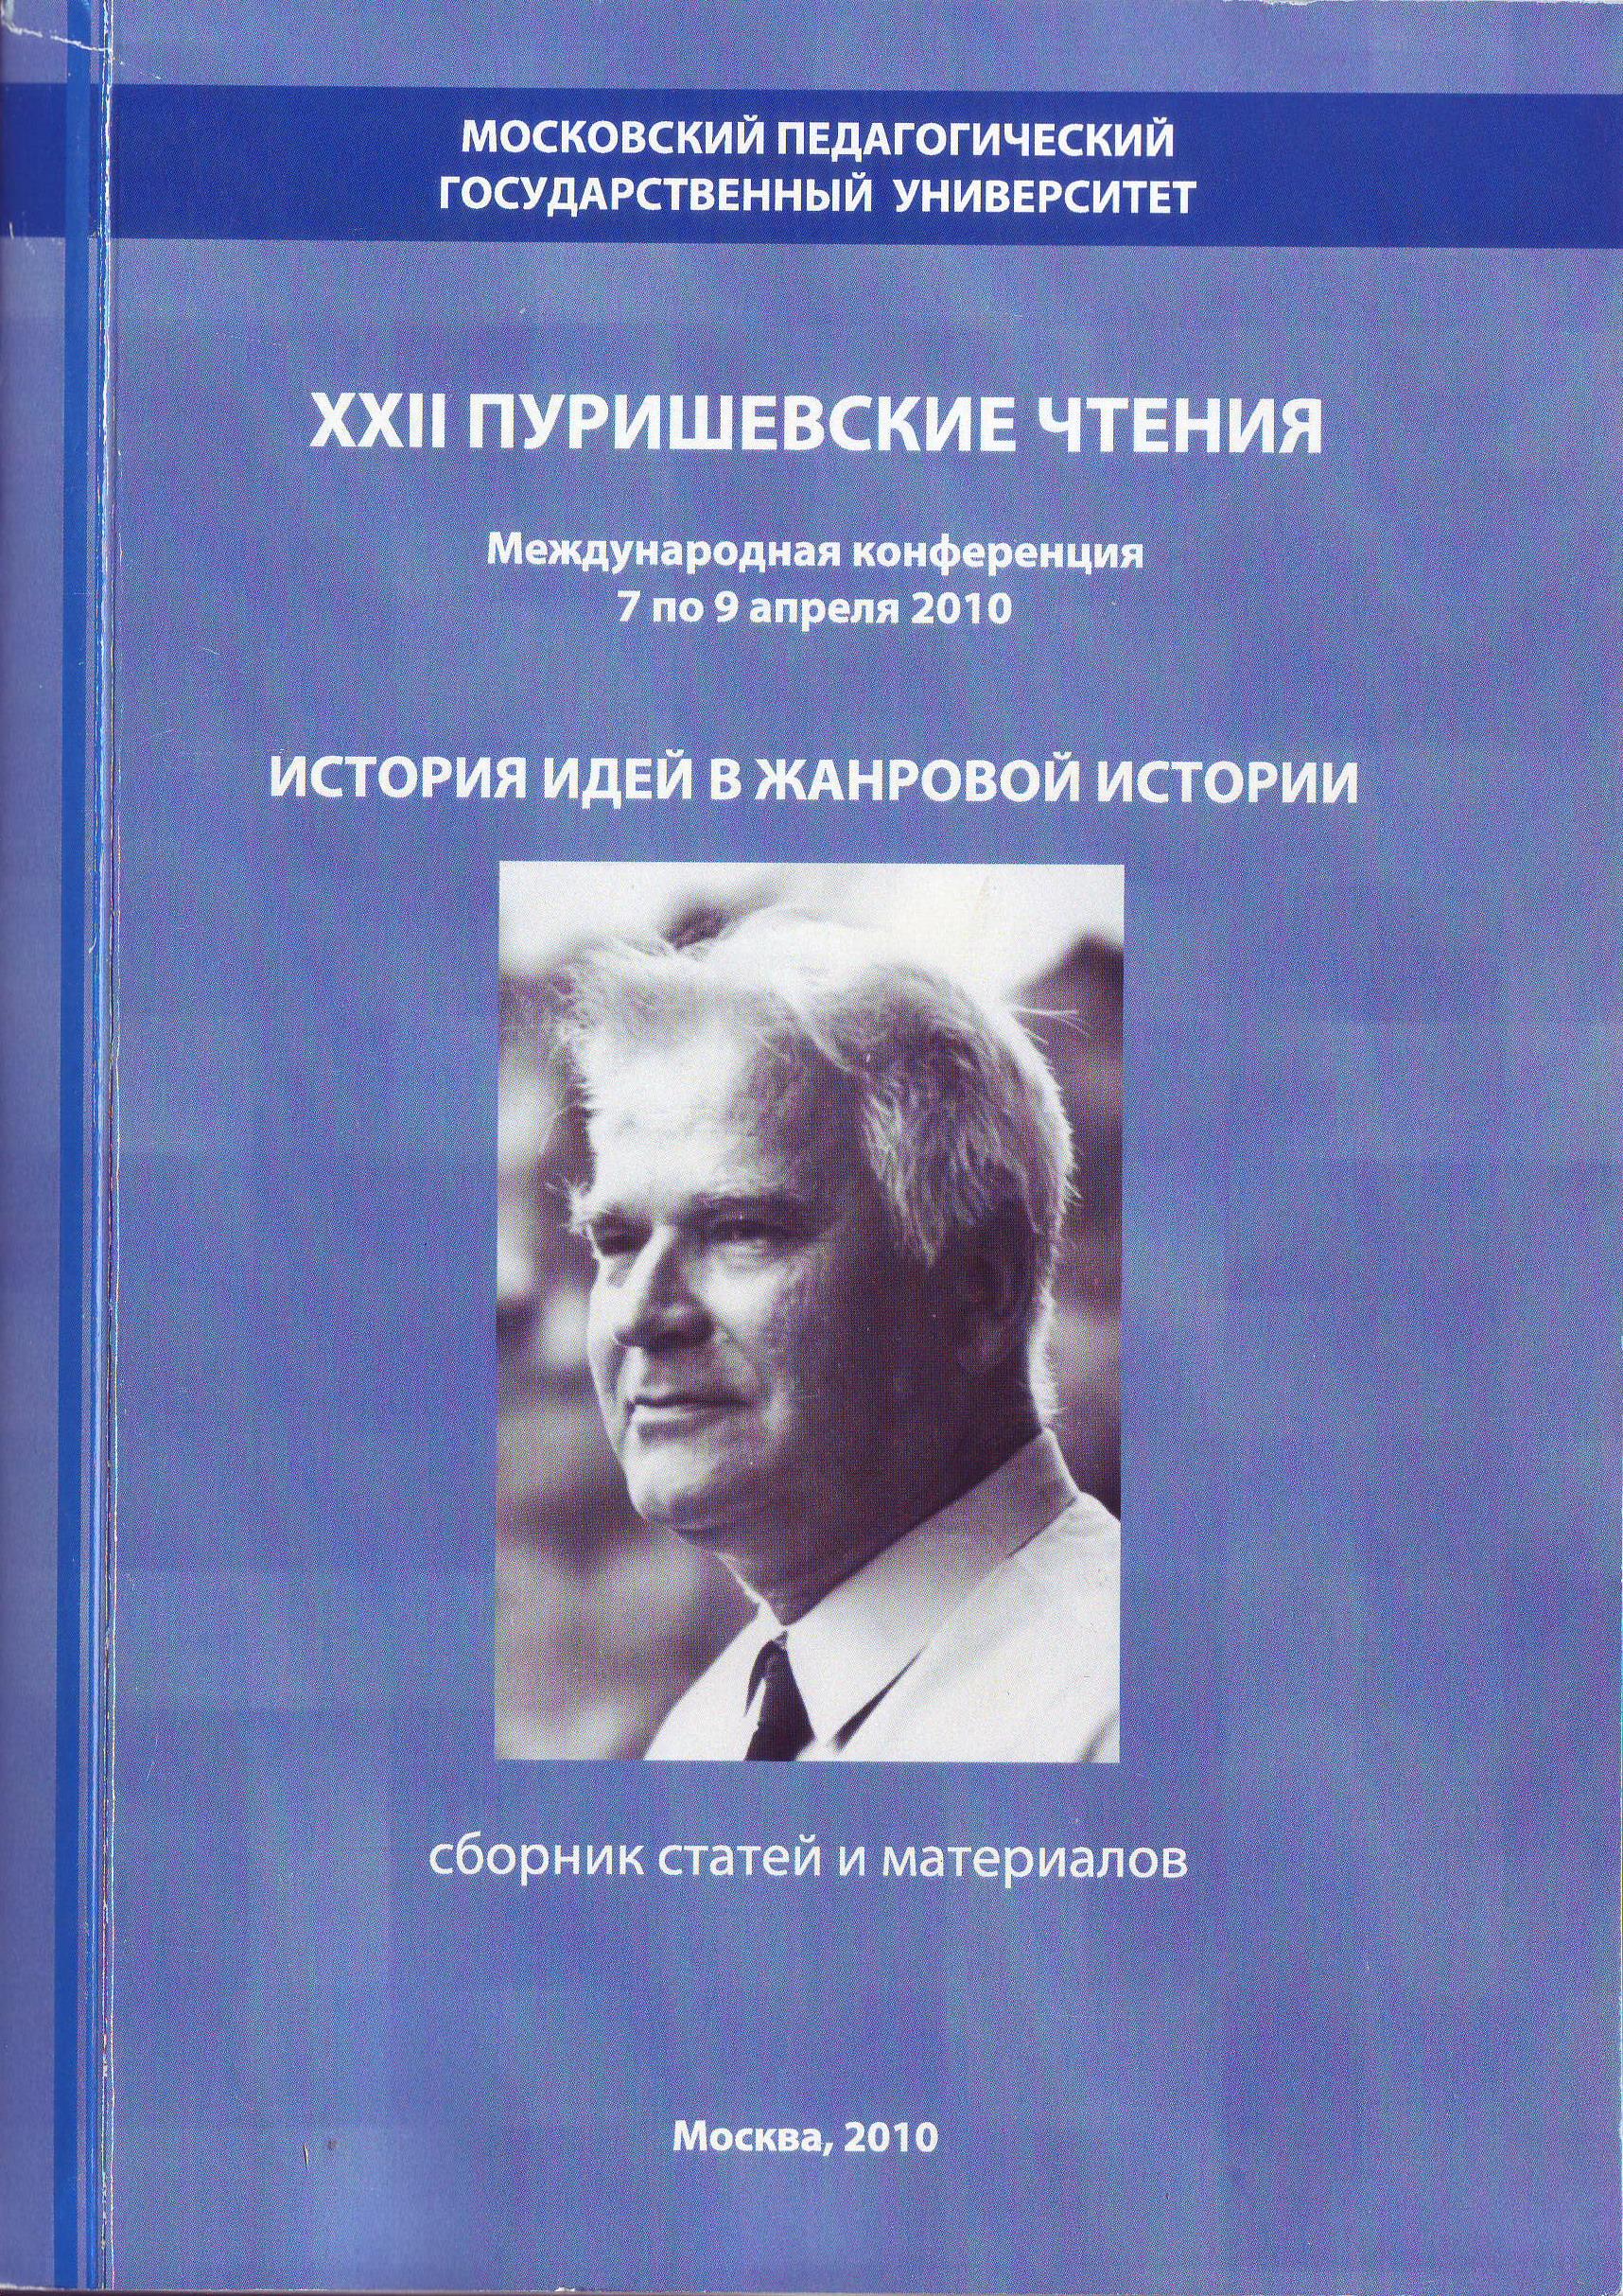 XXII Пуришевские чтения: «История идей в жанровой истории»